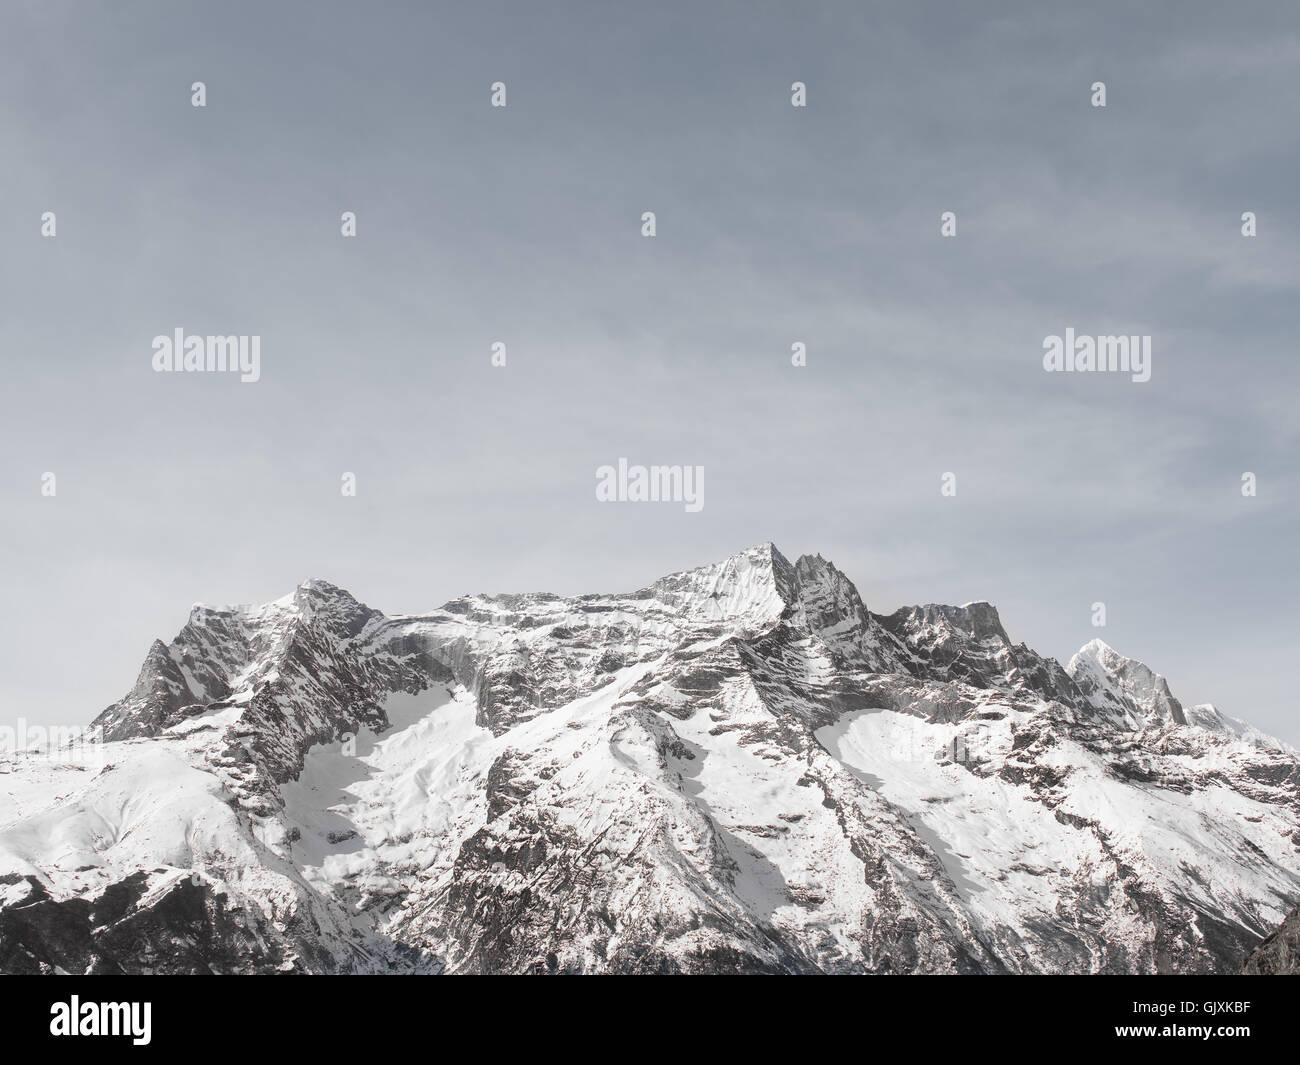 Montagnes couvertes de neige au Népal Camp de base de l'Everest Photo Stock